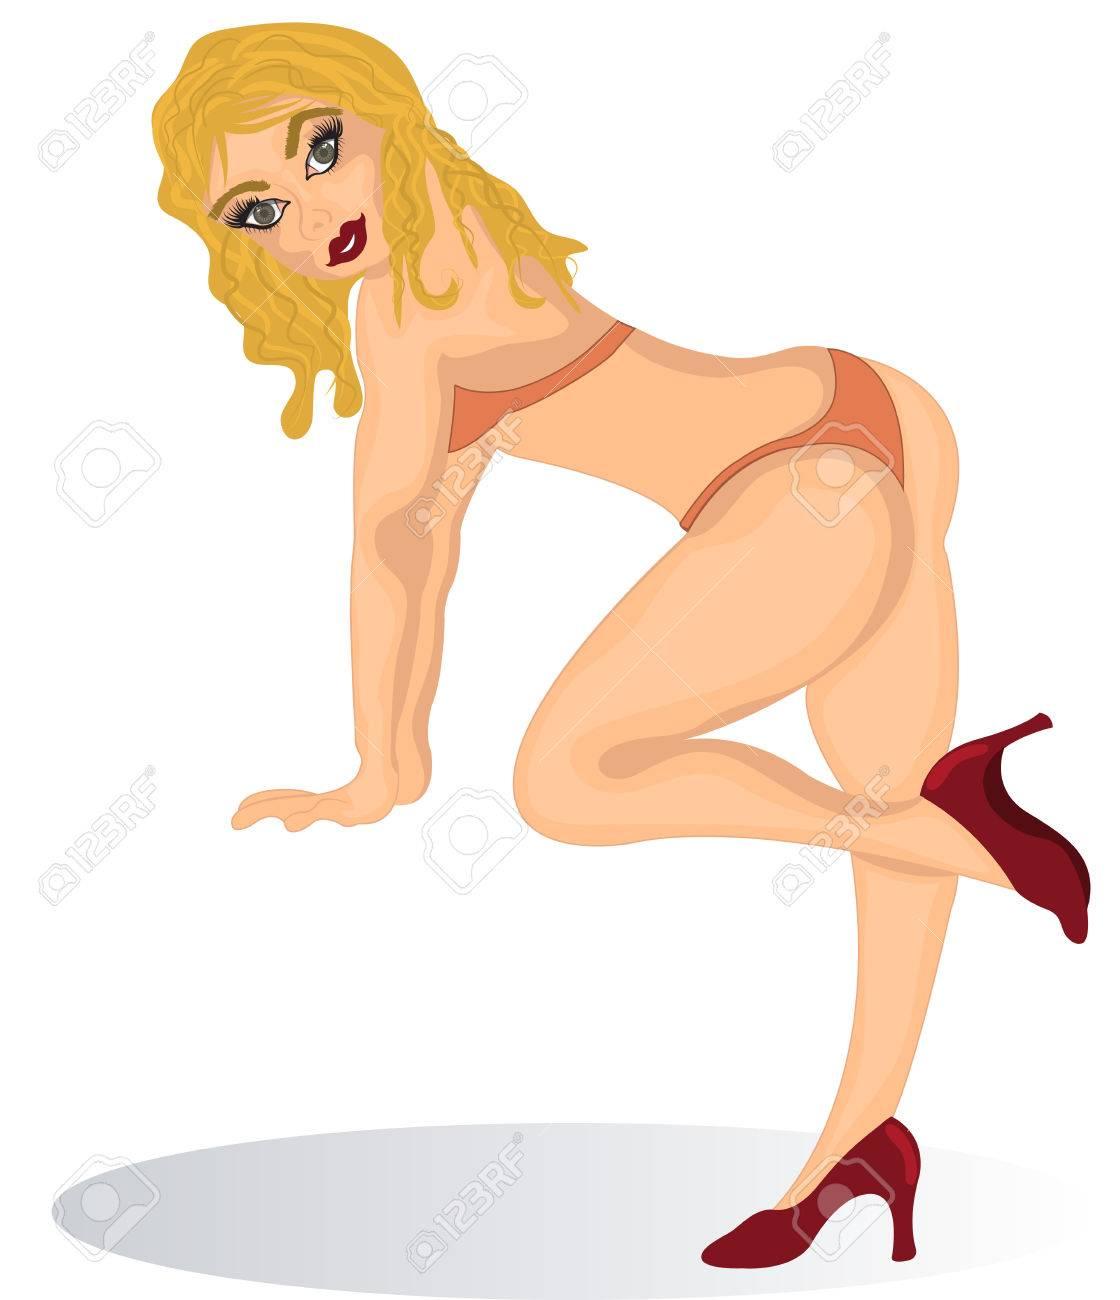 De Rubia Dibujos Un Una Sexy Bikini Chica Animados Traje En Ilustración trohxQdCBs